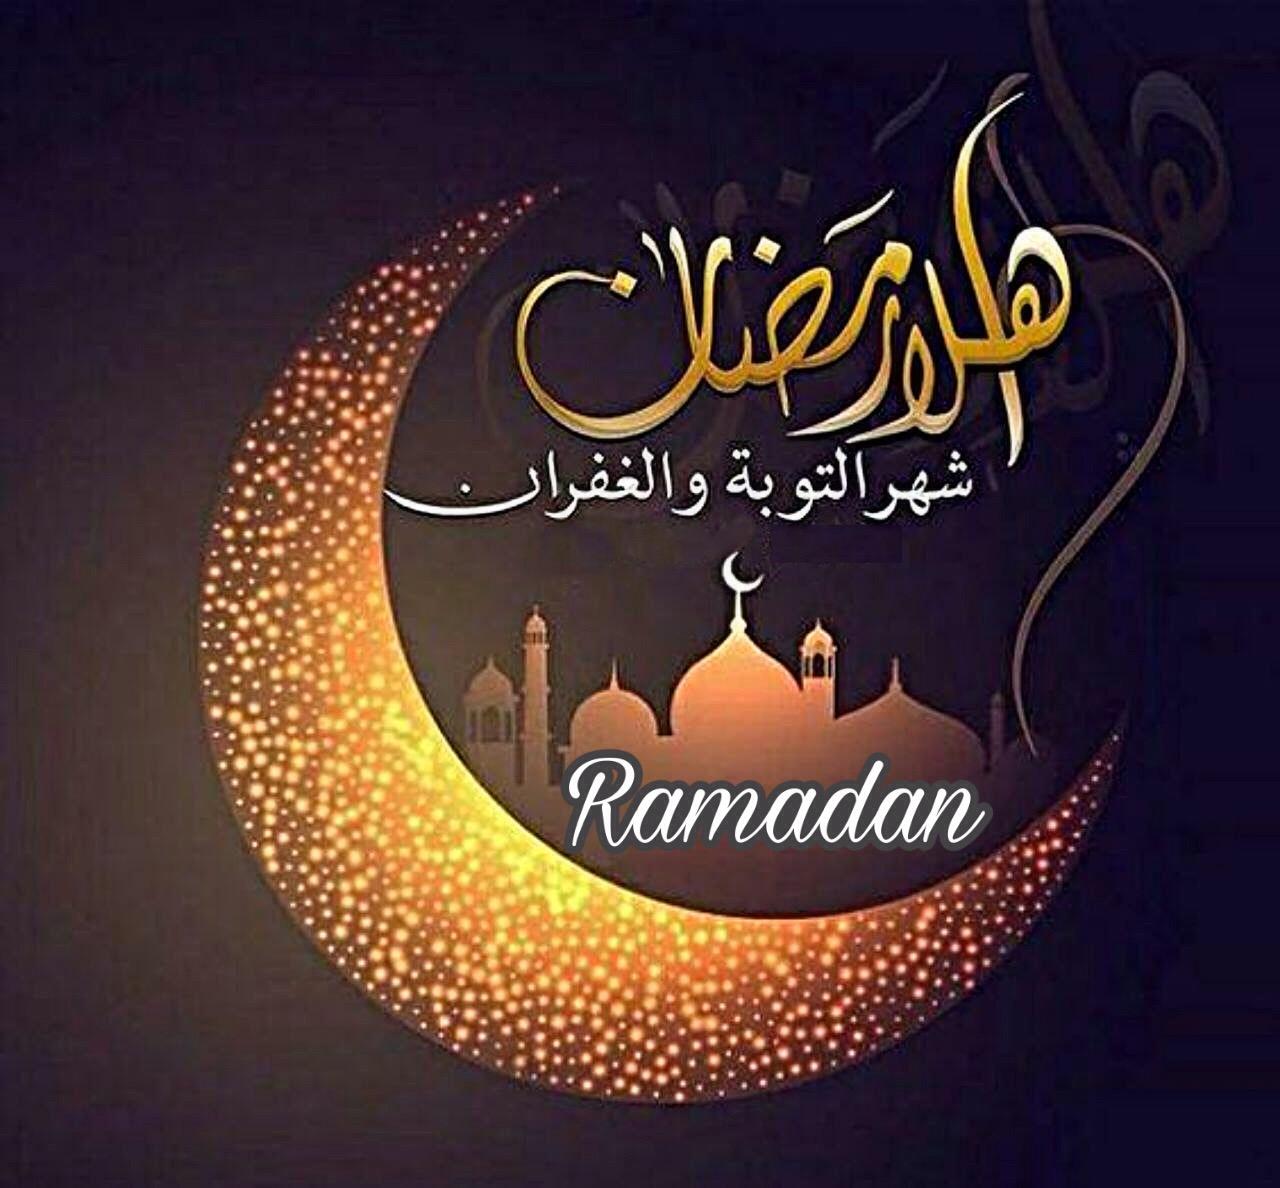 صورة رمضان 2019 المغرب , الشهر الكريم لعام 2019